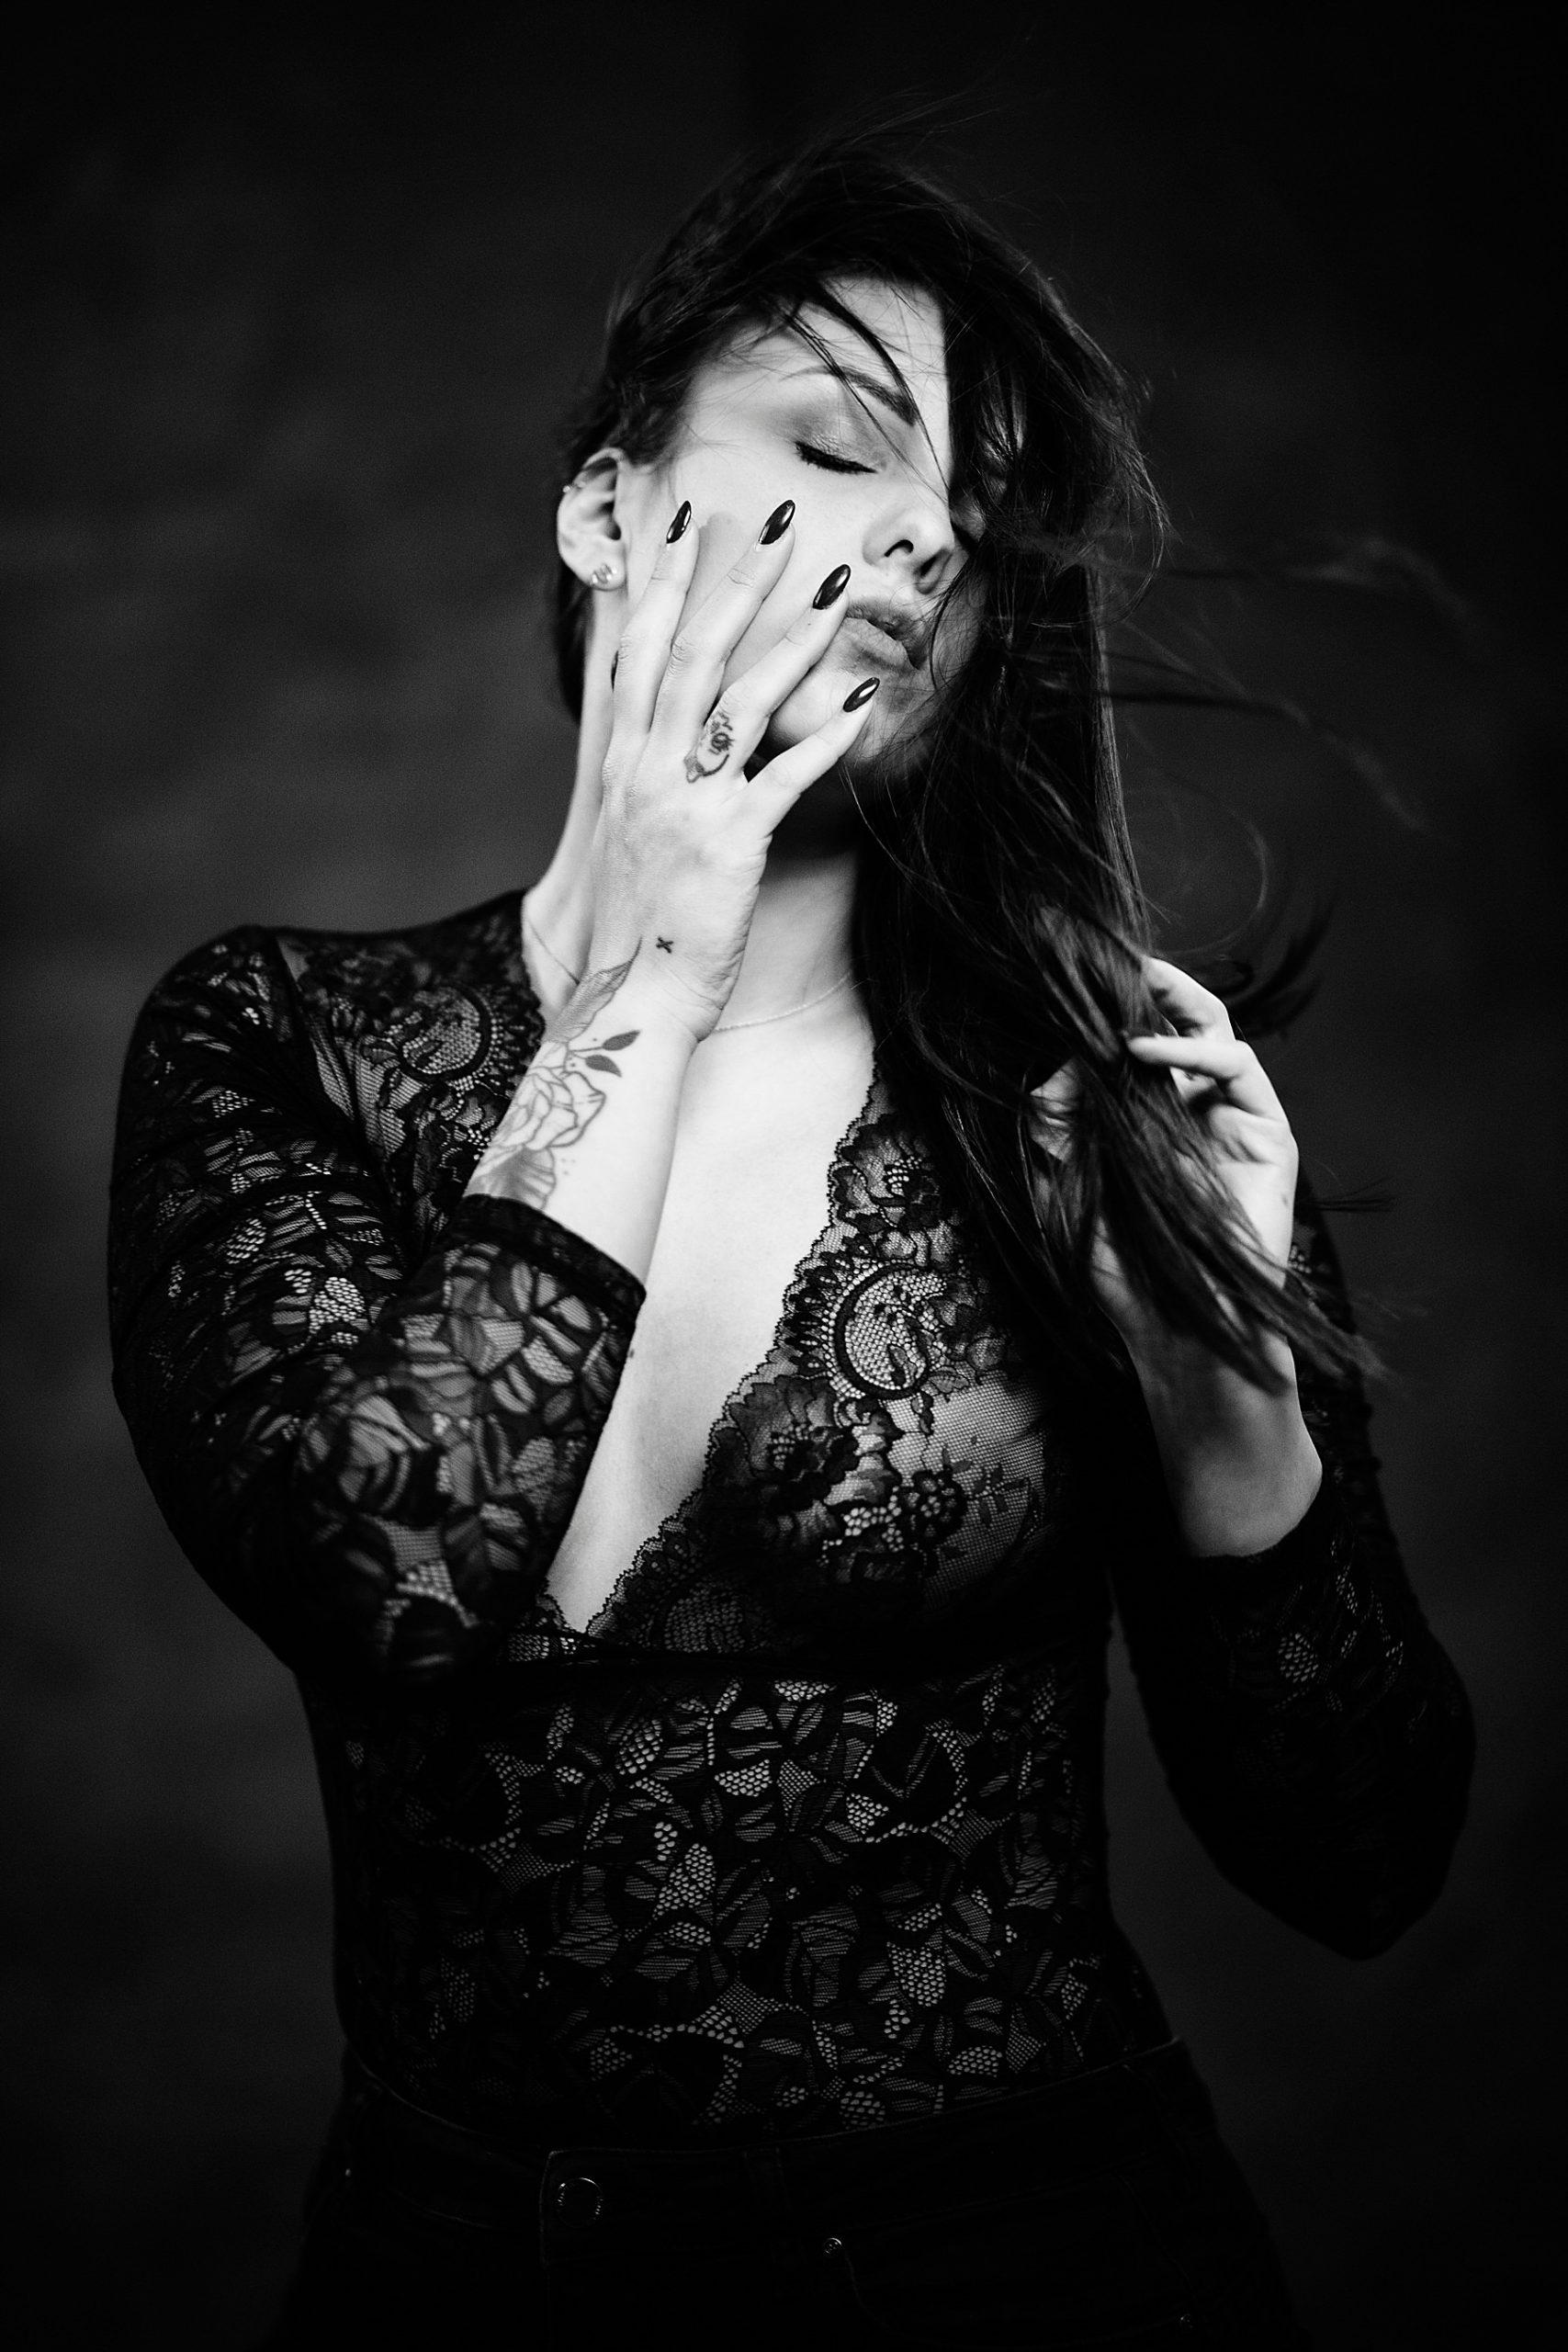 bellissimo ritratto in bianco e nero di ragazza in posa intensa con pizzo nero